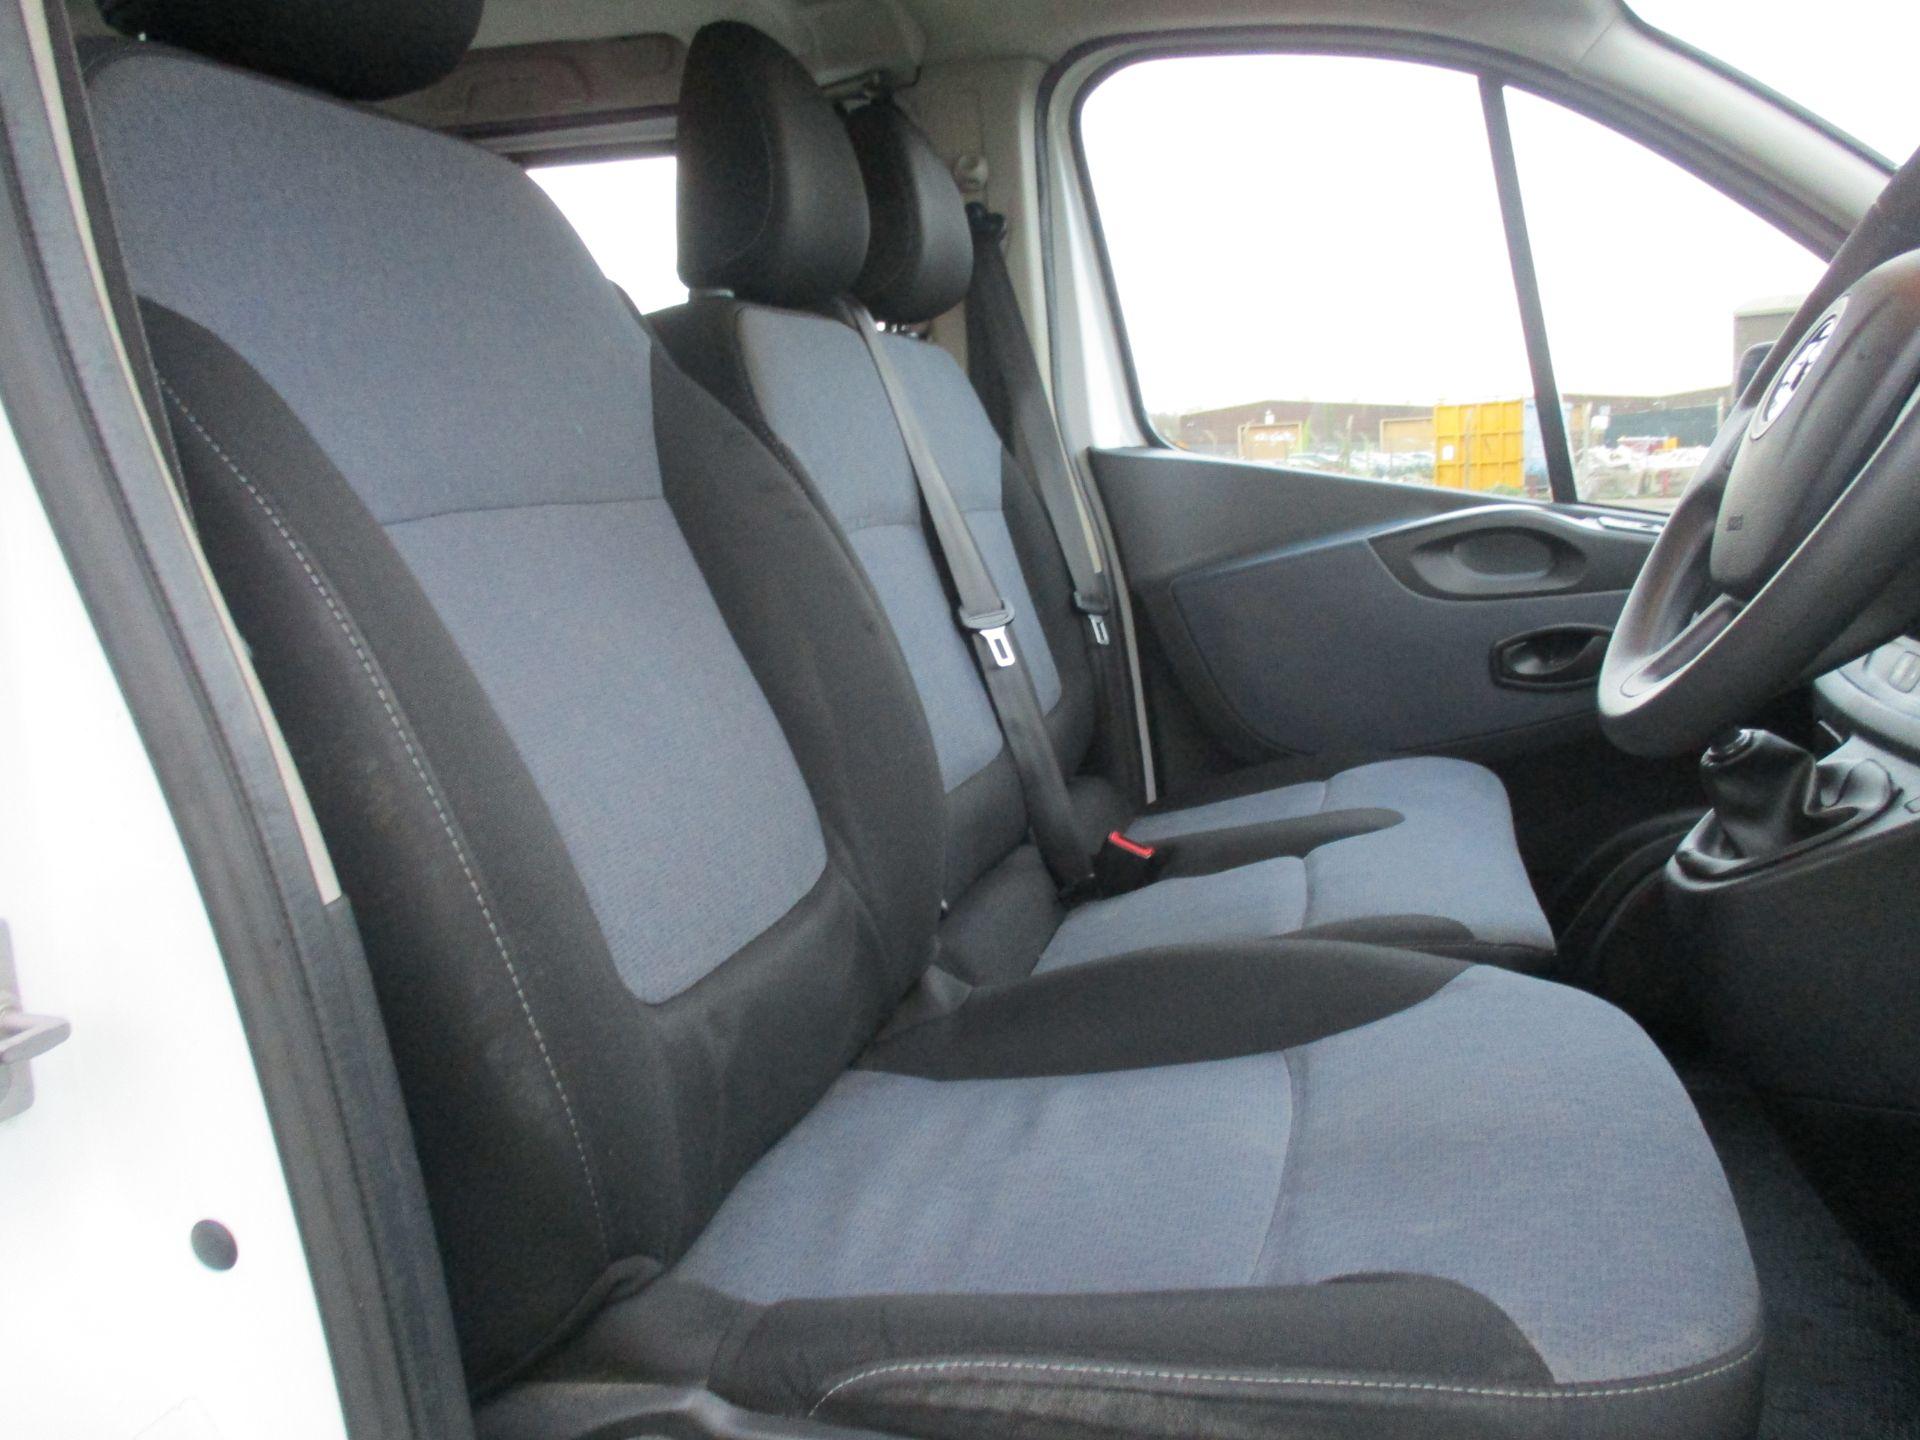 2017 Vauxhall Vivaro L2 H1 2900 1.6 CDTI 125PS BI TURBO 9 SEATER COMBI EURO 6. VAT INC (DY17UJE) Image 13